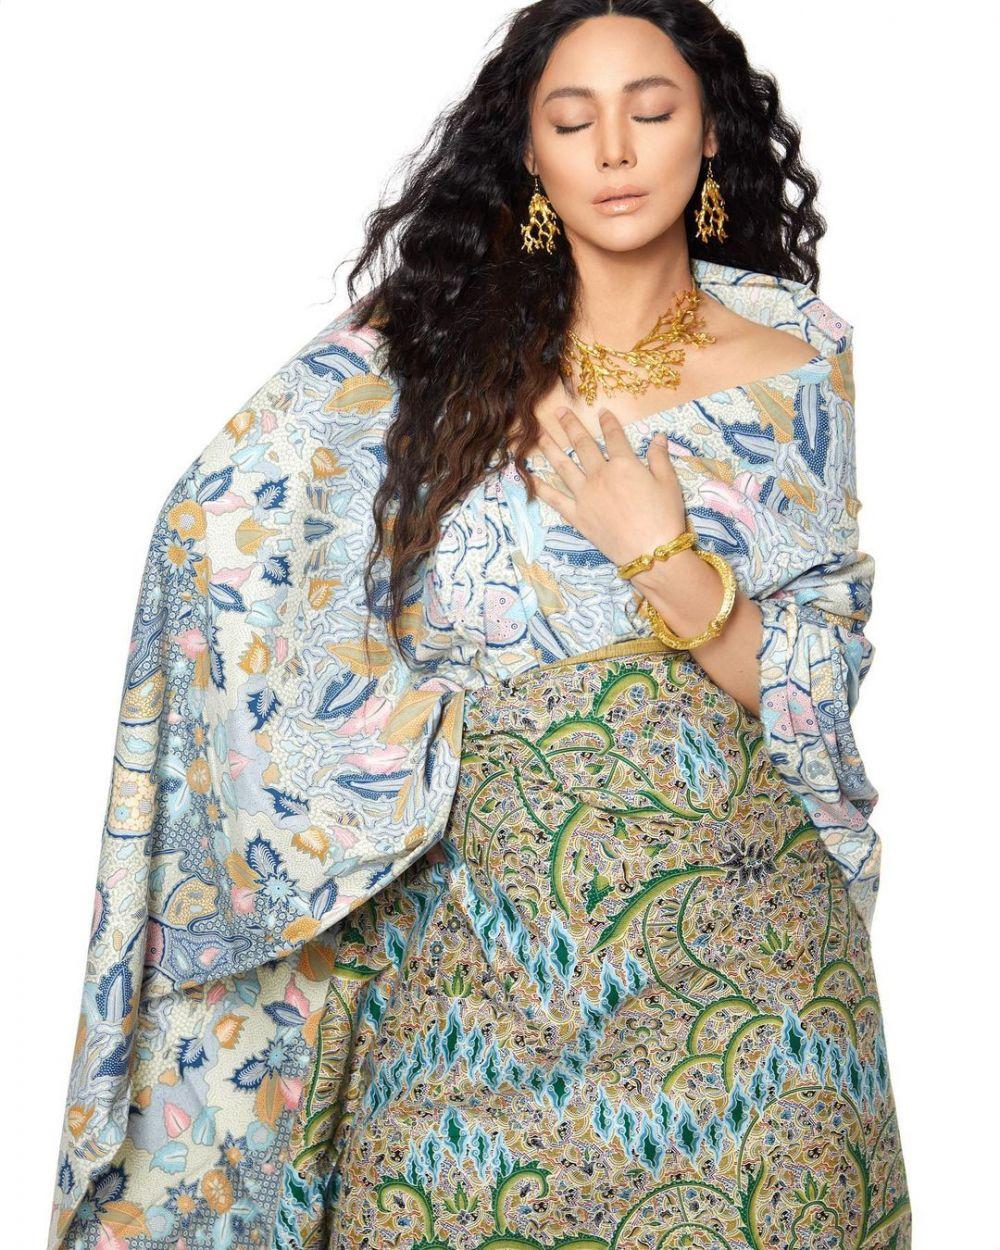 Pemotretan Puteri Indonesia © 2021 brilio.net